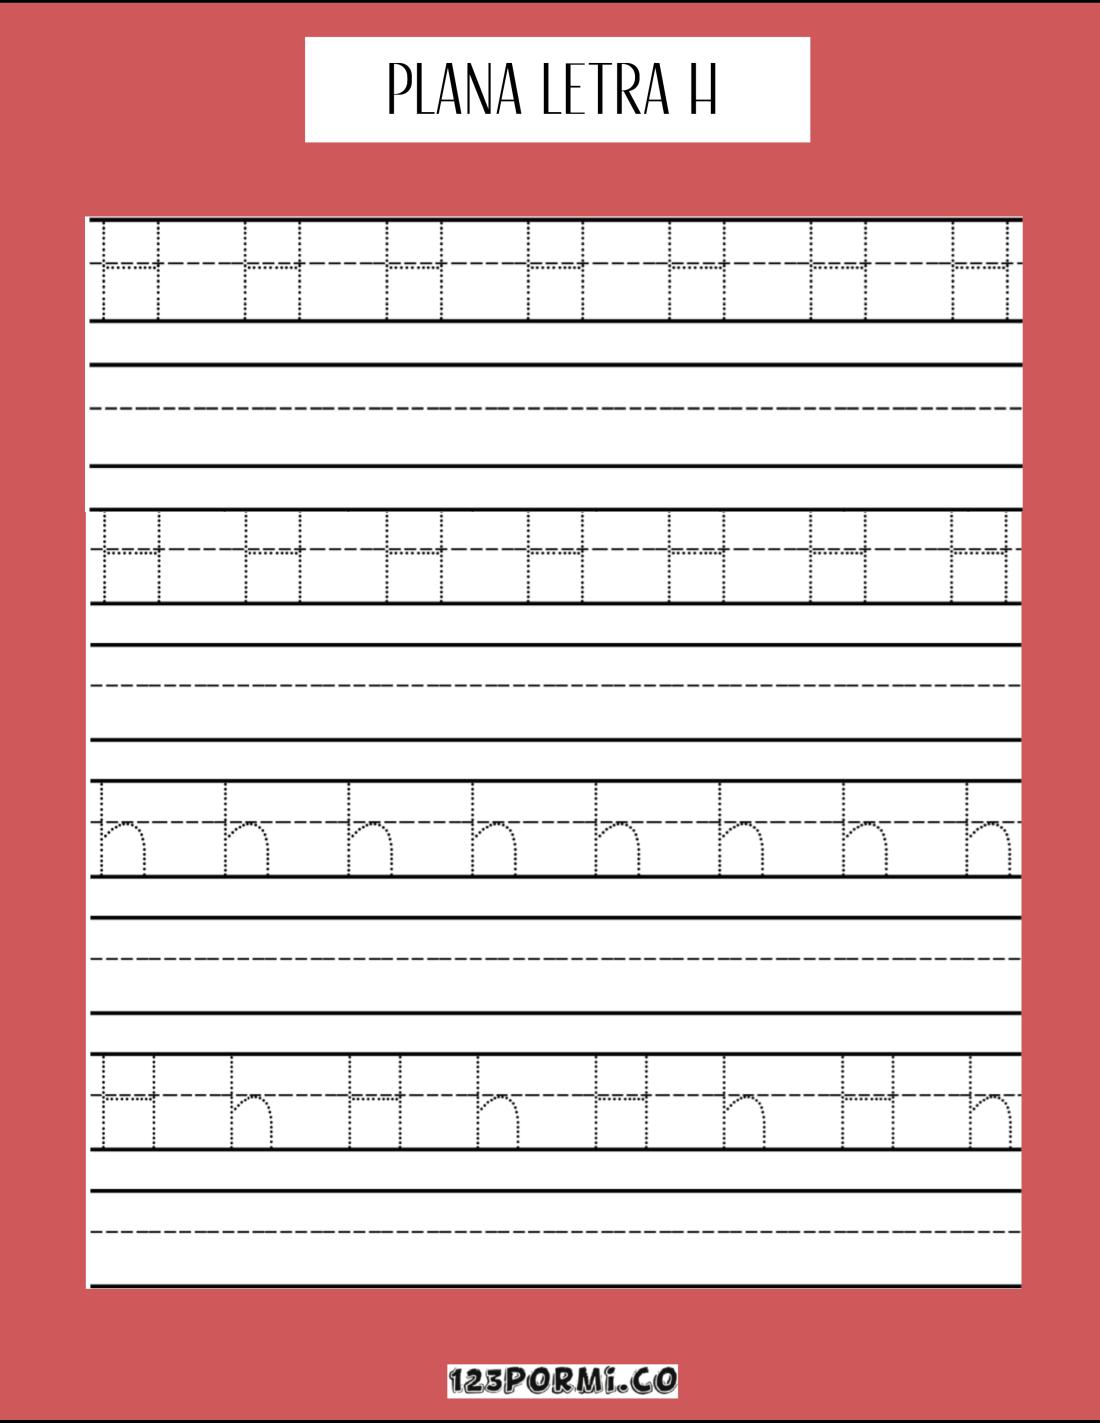 Plana letra H_Mesa de trabajo 1